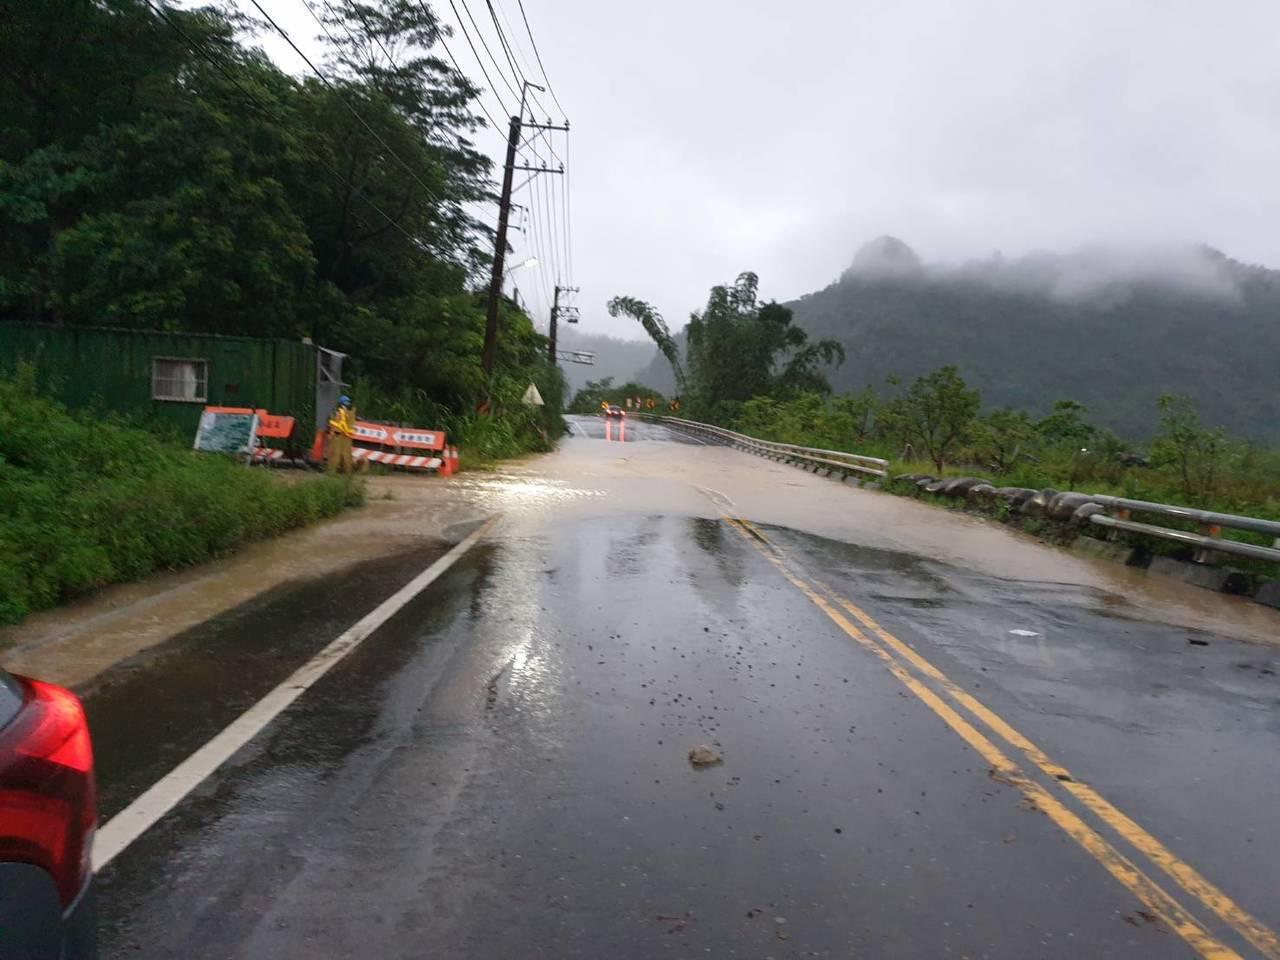 台27線六龜新發路段有山溝溪水灌入,目前可勉強通行。記者徐白櫻/翻攝